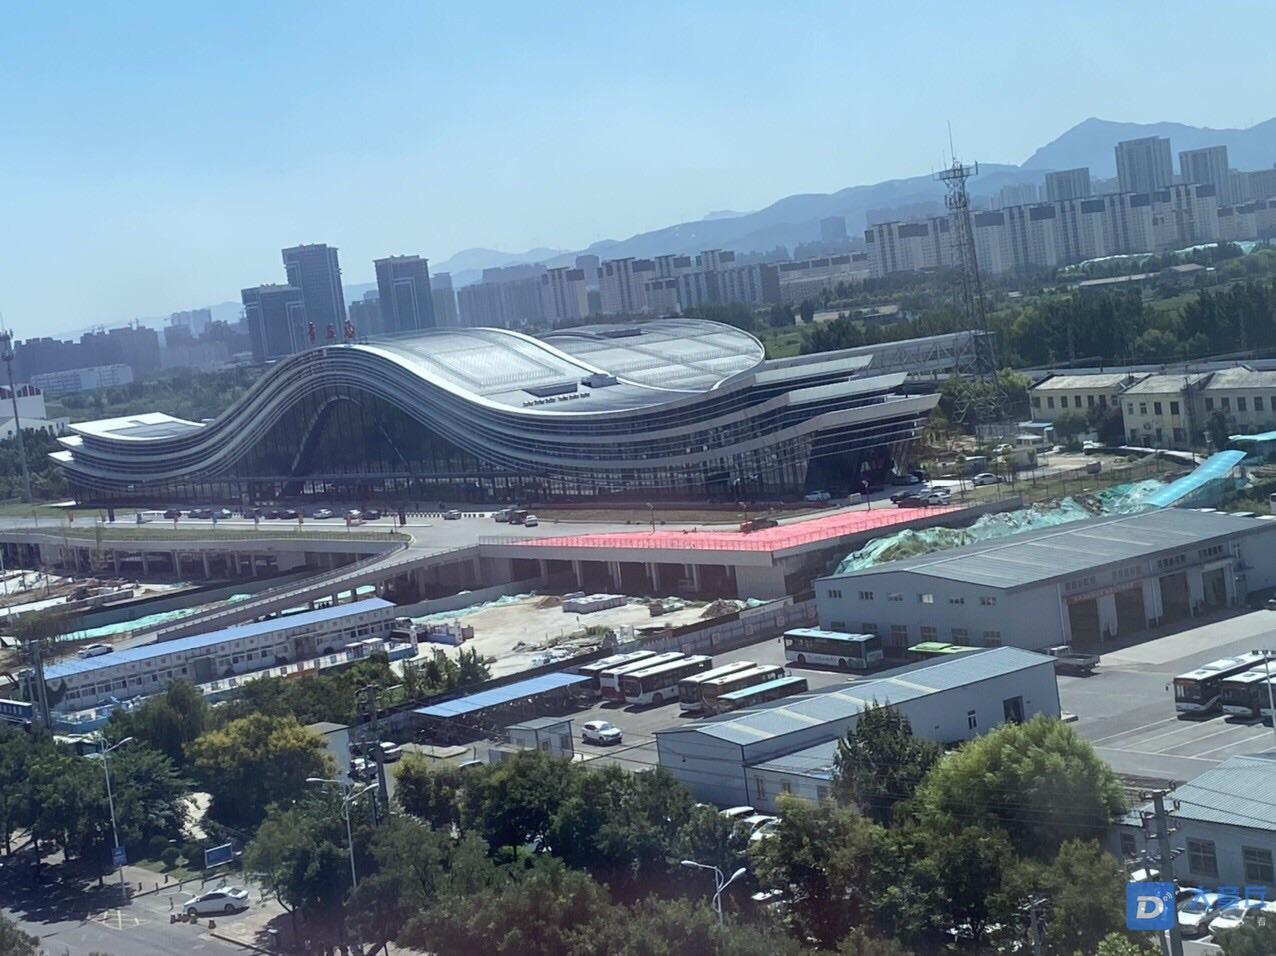 9月份的章丘站,正在进行绿化工作,这些红红的是啥?